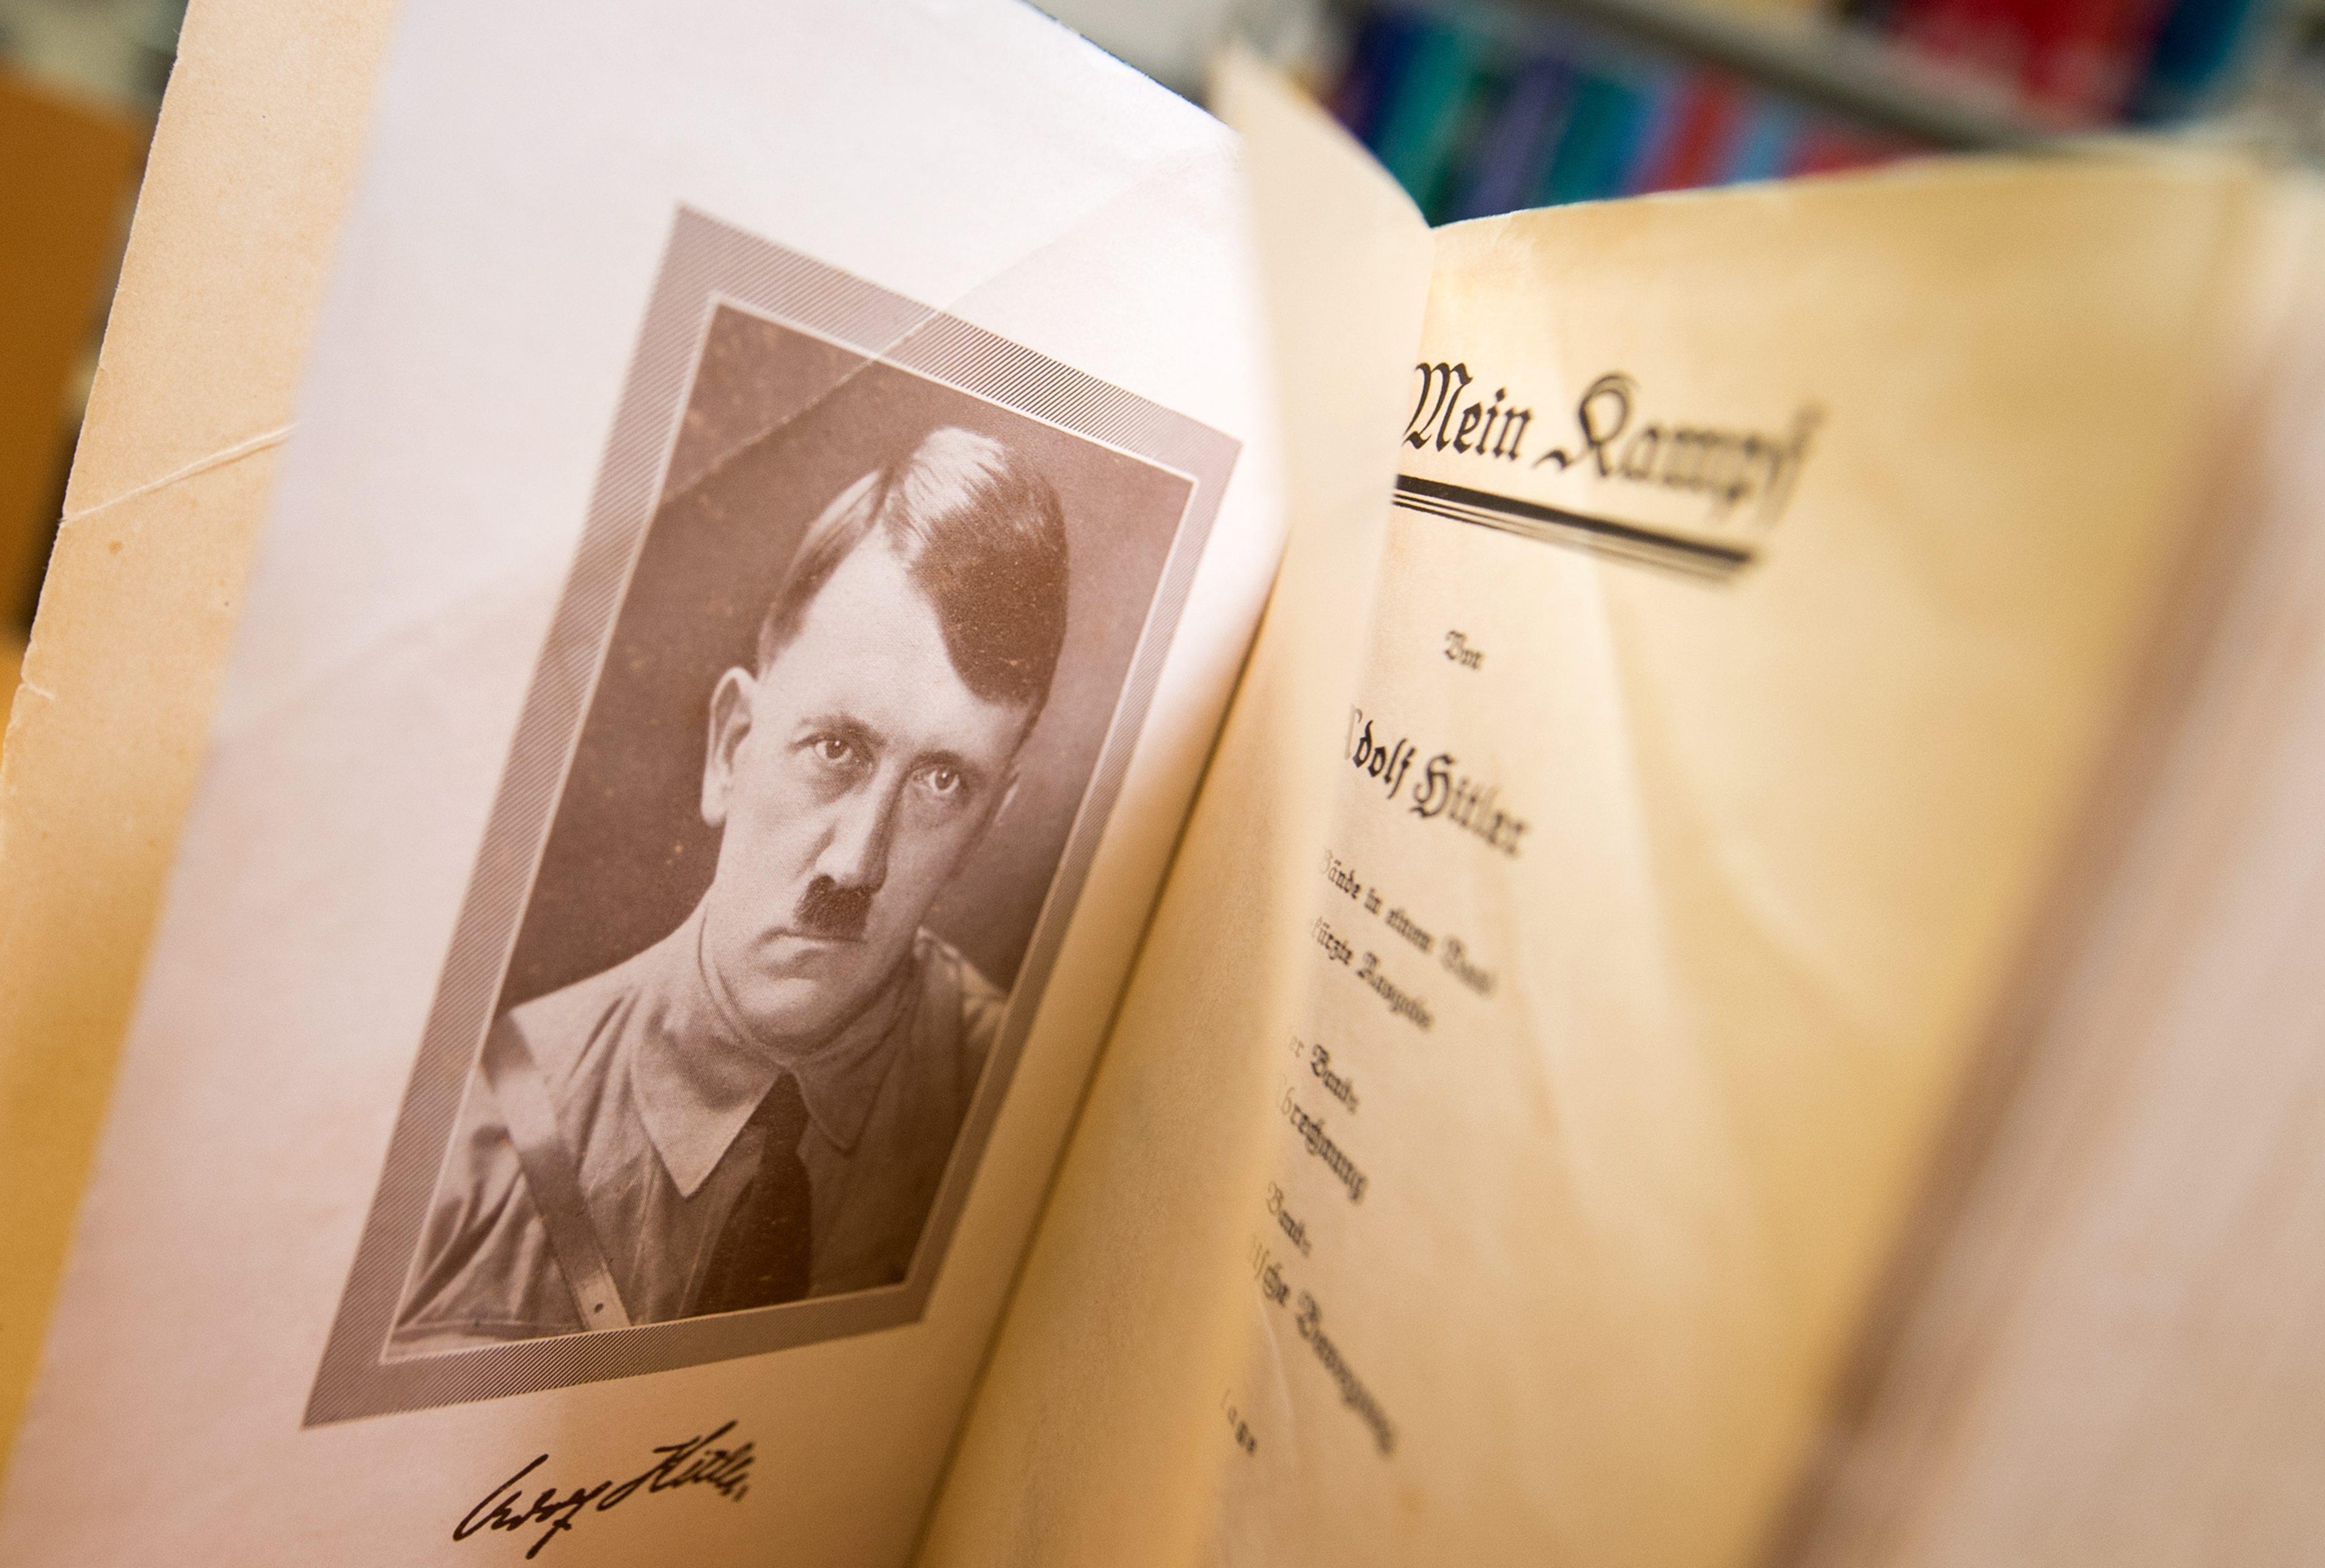 Mein Kampf: een Duitse bestseller